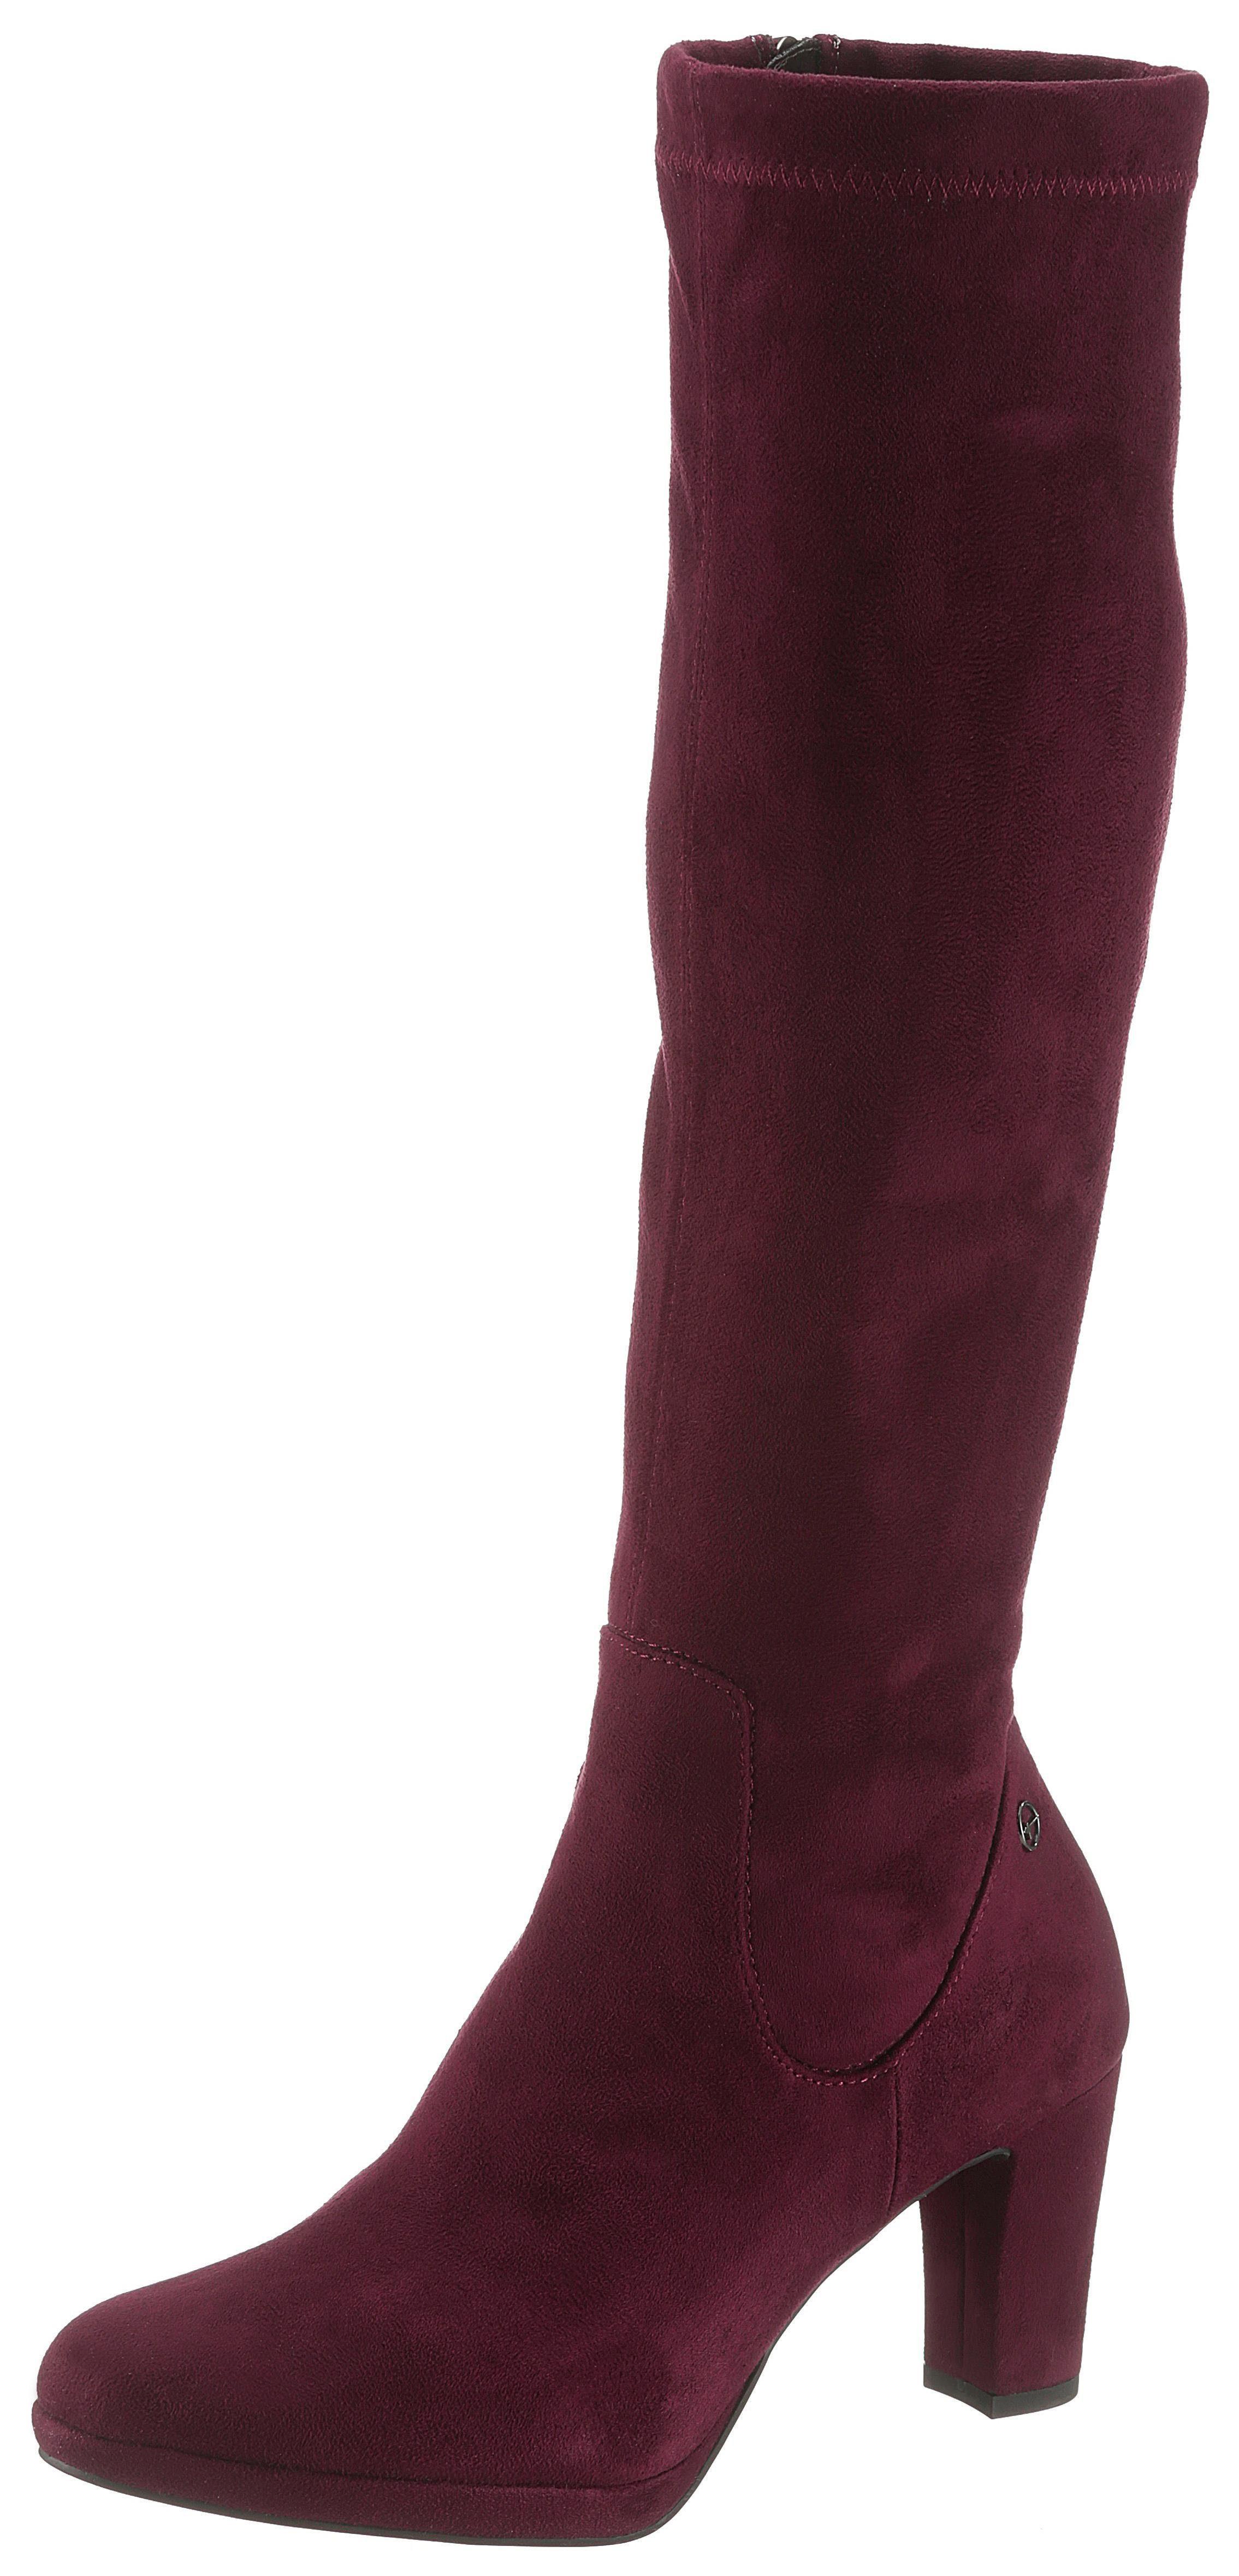 Stiefel mit Touch It Ausstattung Rot